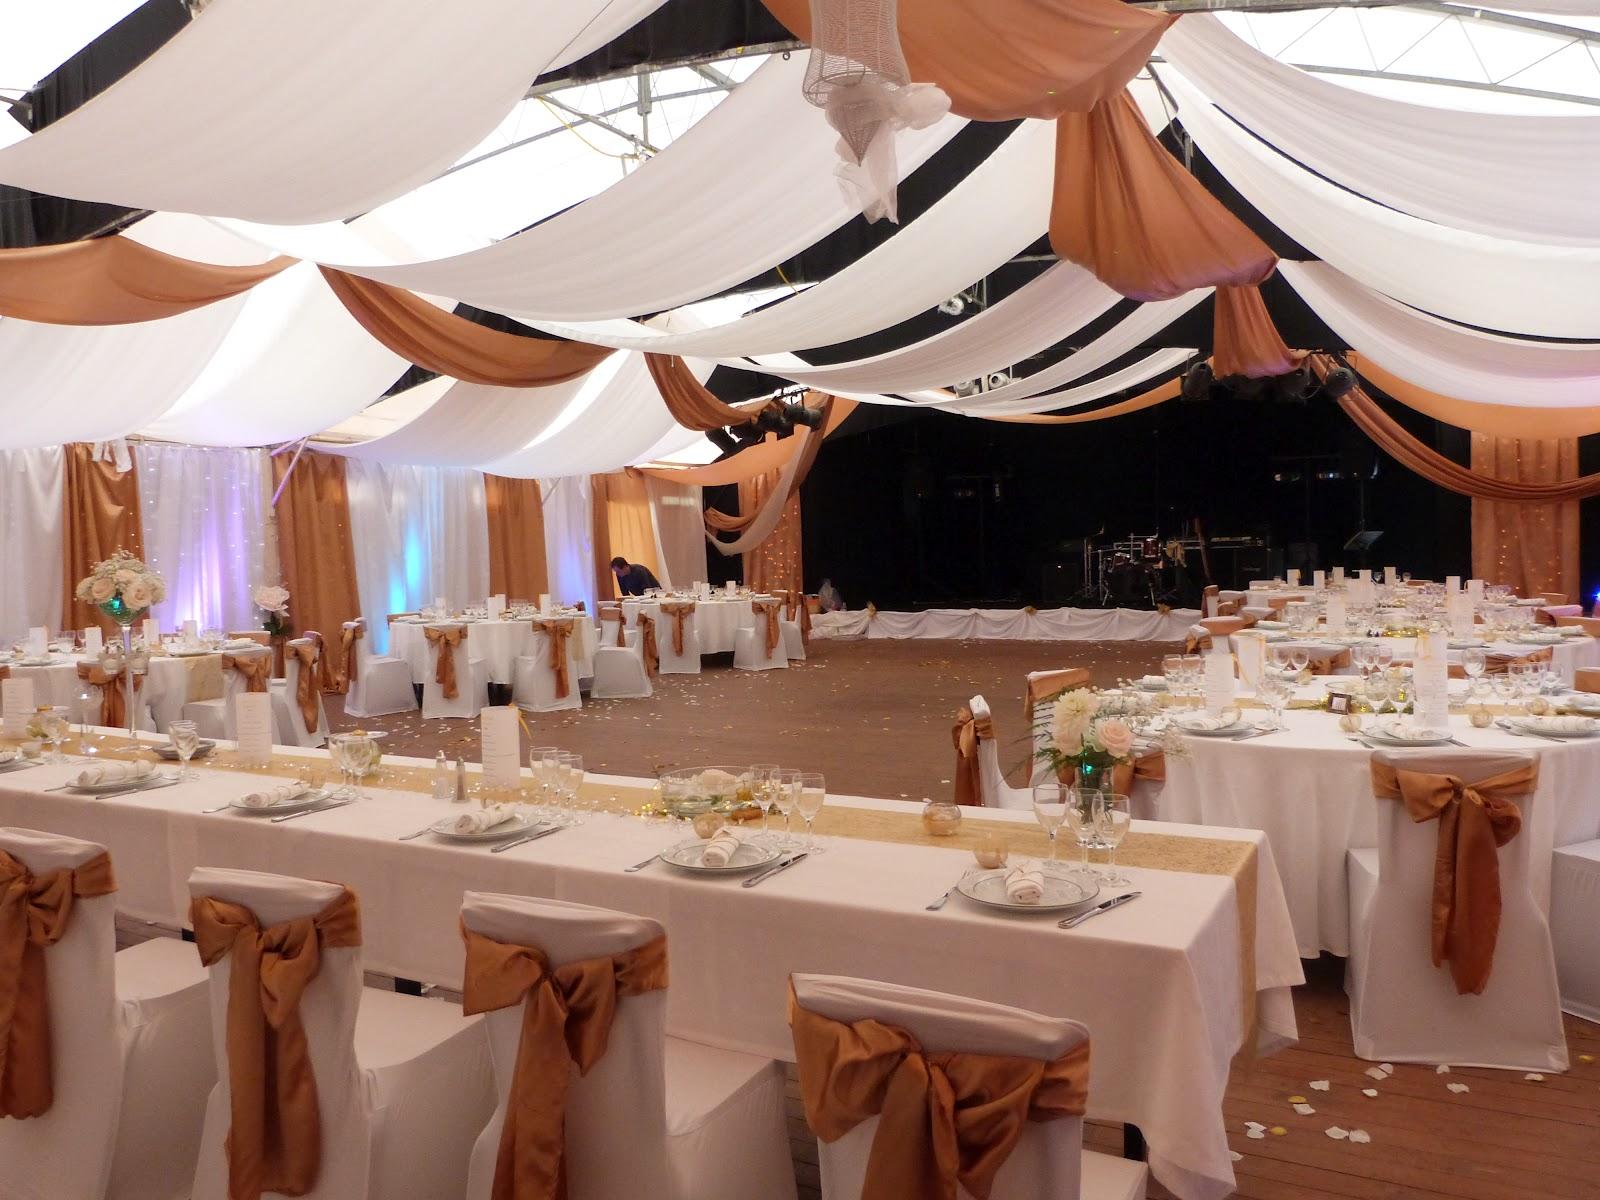 decoration pour salle mariage fete reception. Black Bedroom Furniture Sets. Home Design Ideas